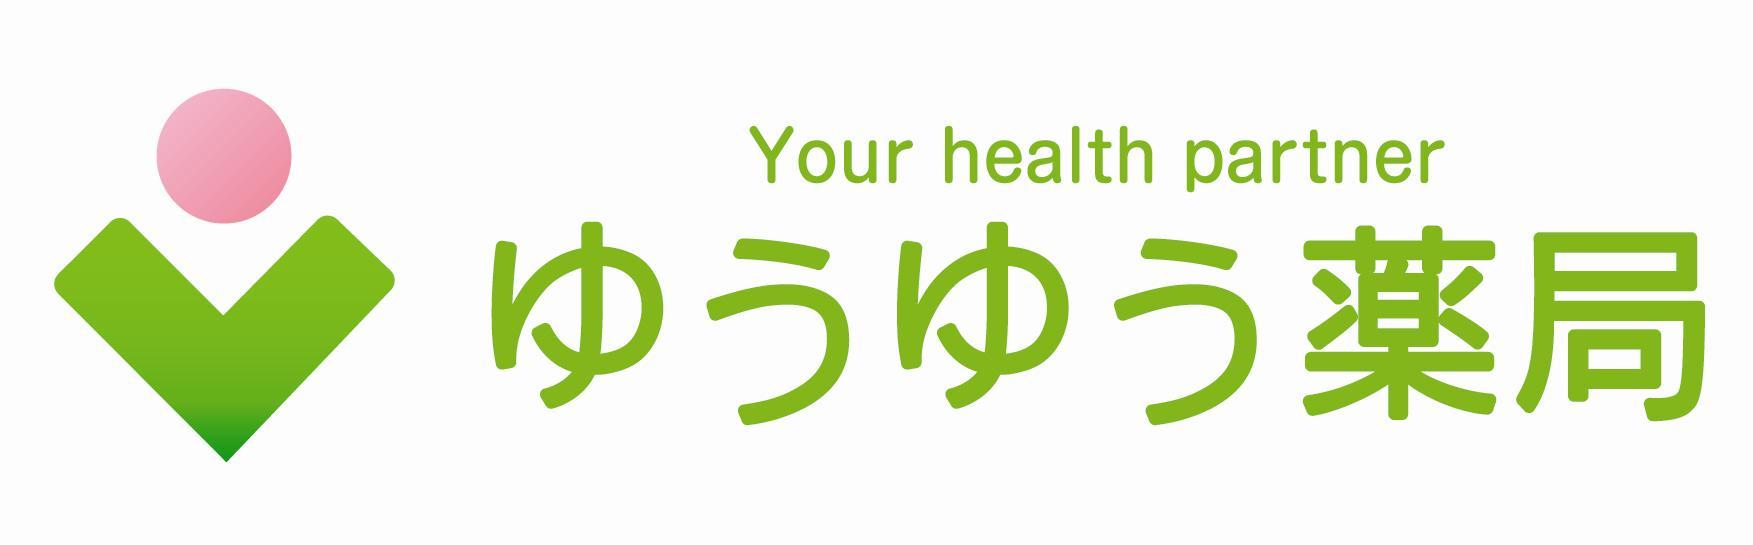 荒田店・甲南店 第1回 高麗・荒田・甲南地区・ゆうゆう健康... 一人ひとりの健康を支える、繋が